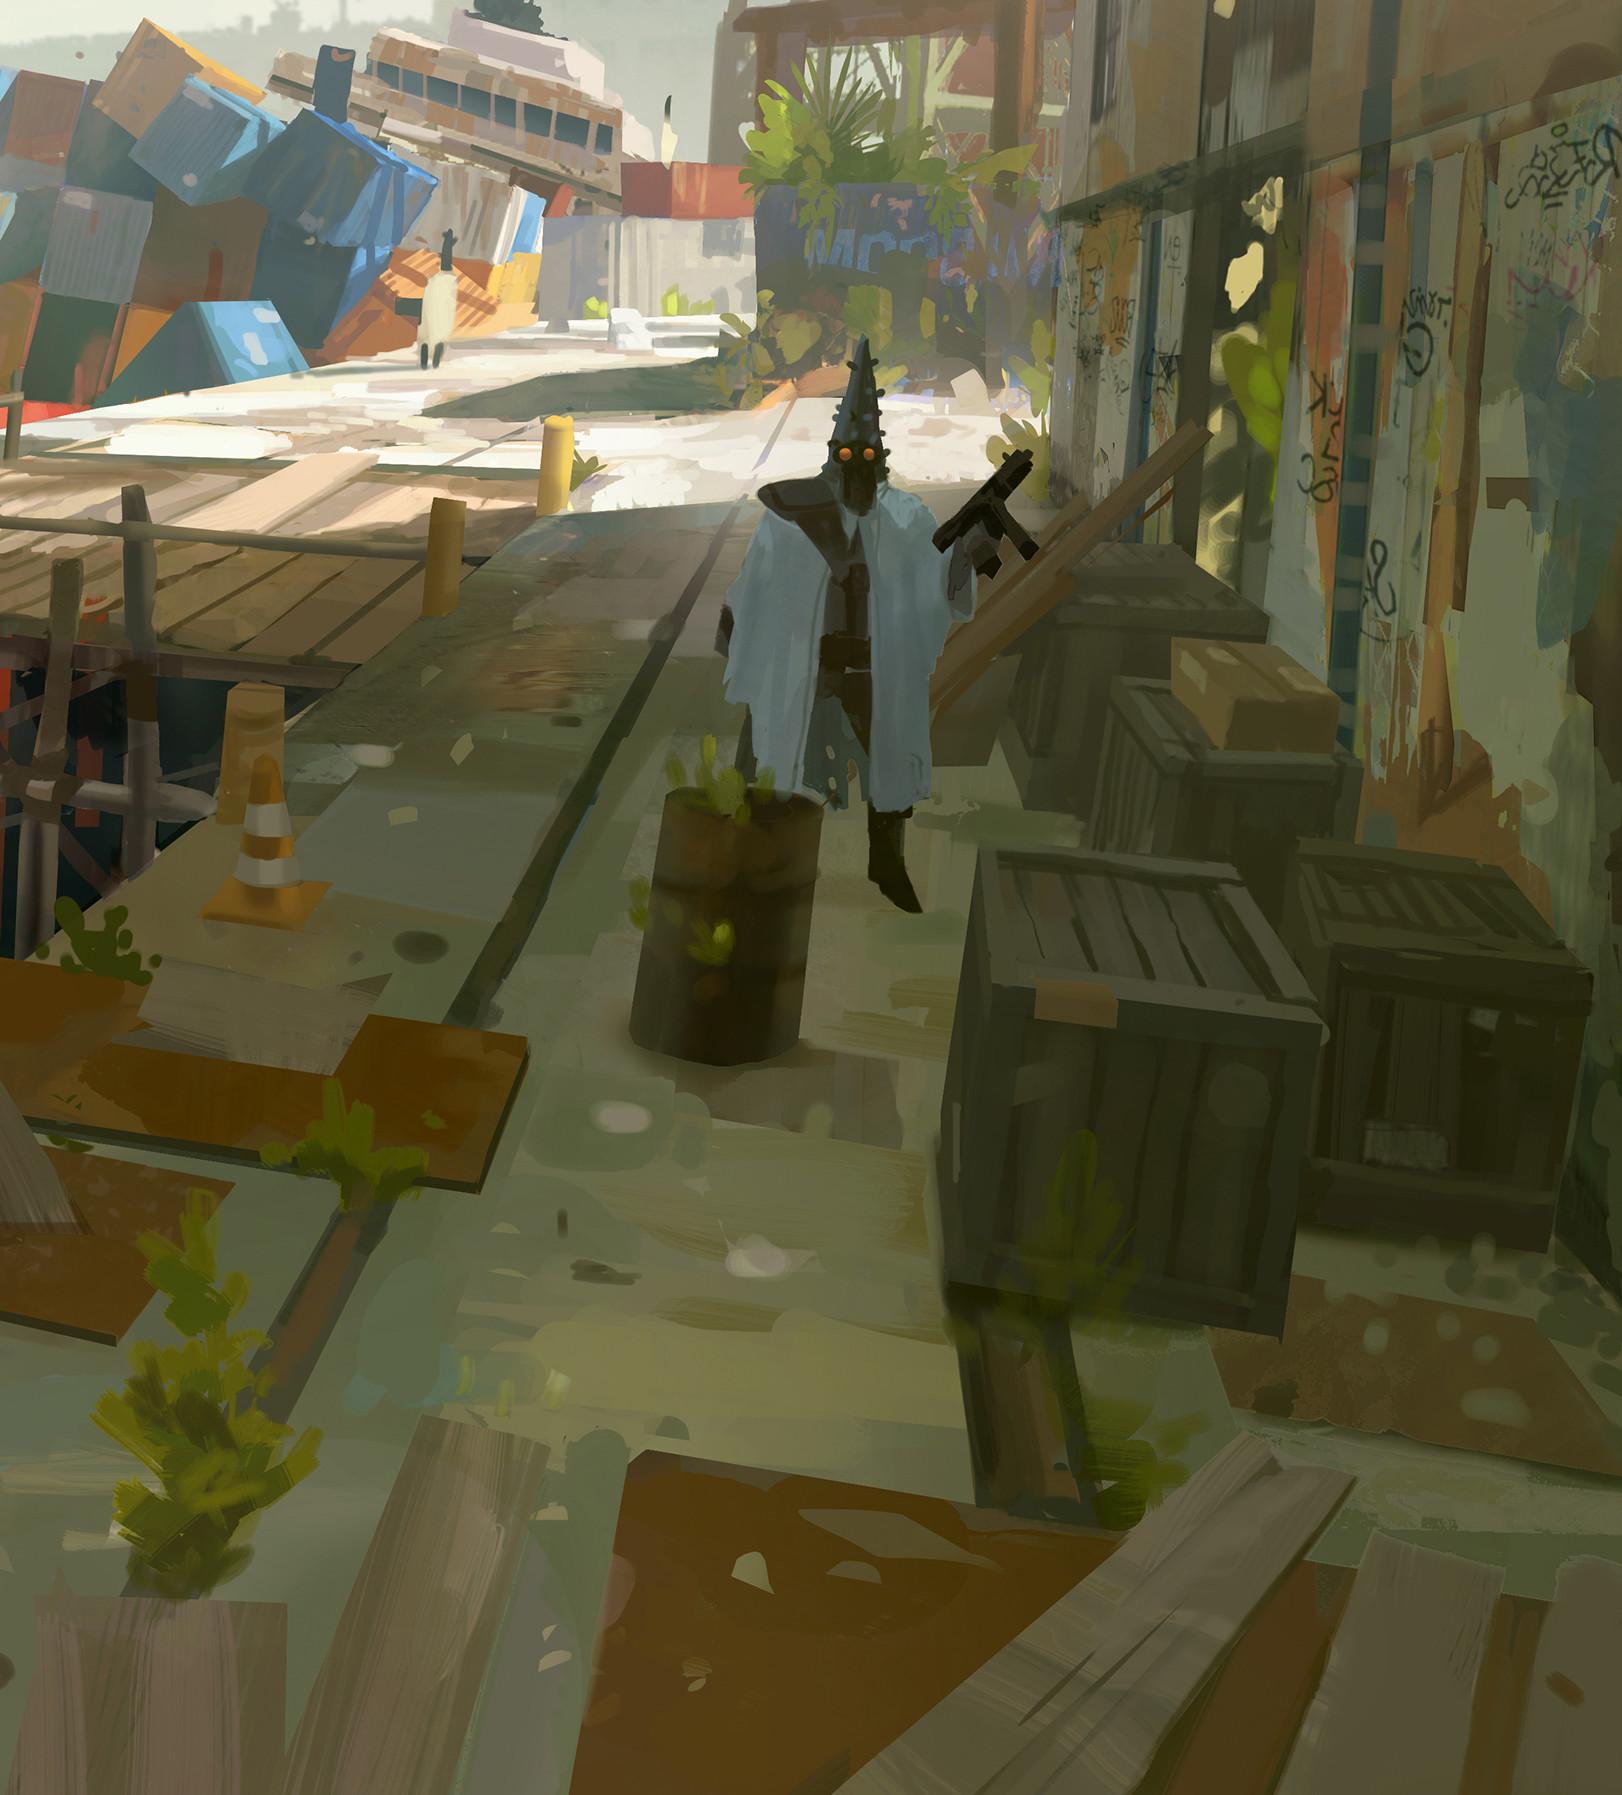 Adrien girod dw env pl shipyard 08 closeup